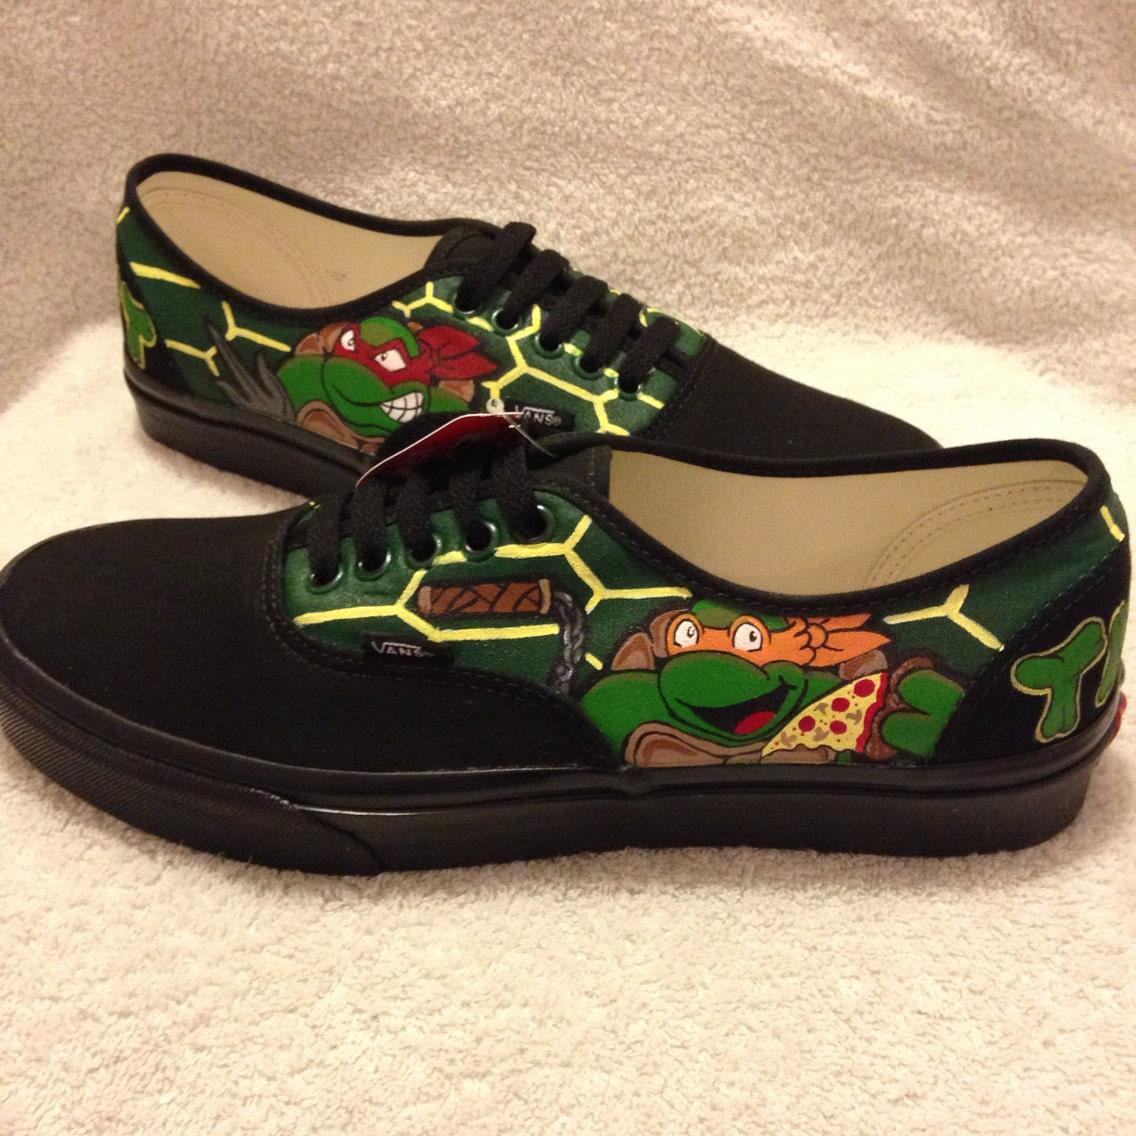 mutant turtles custom vans black by